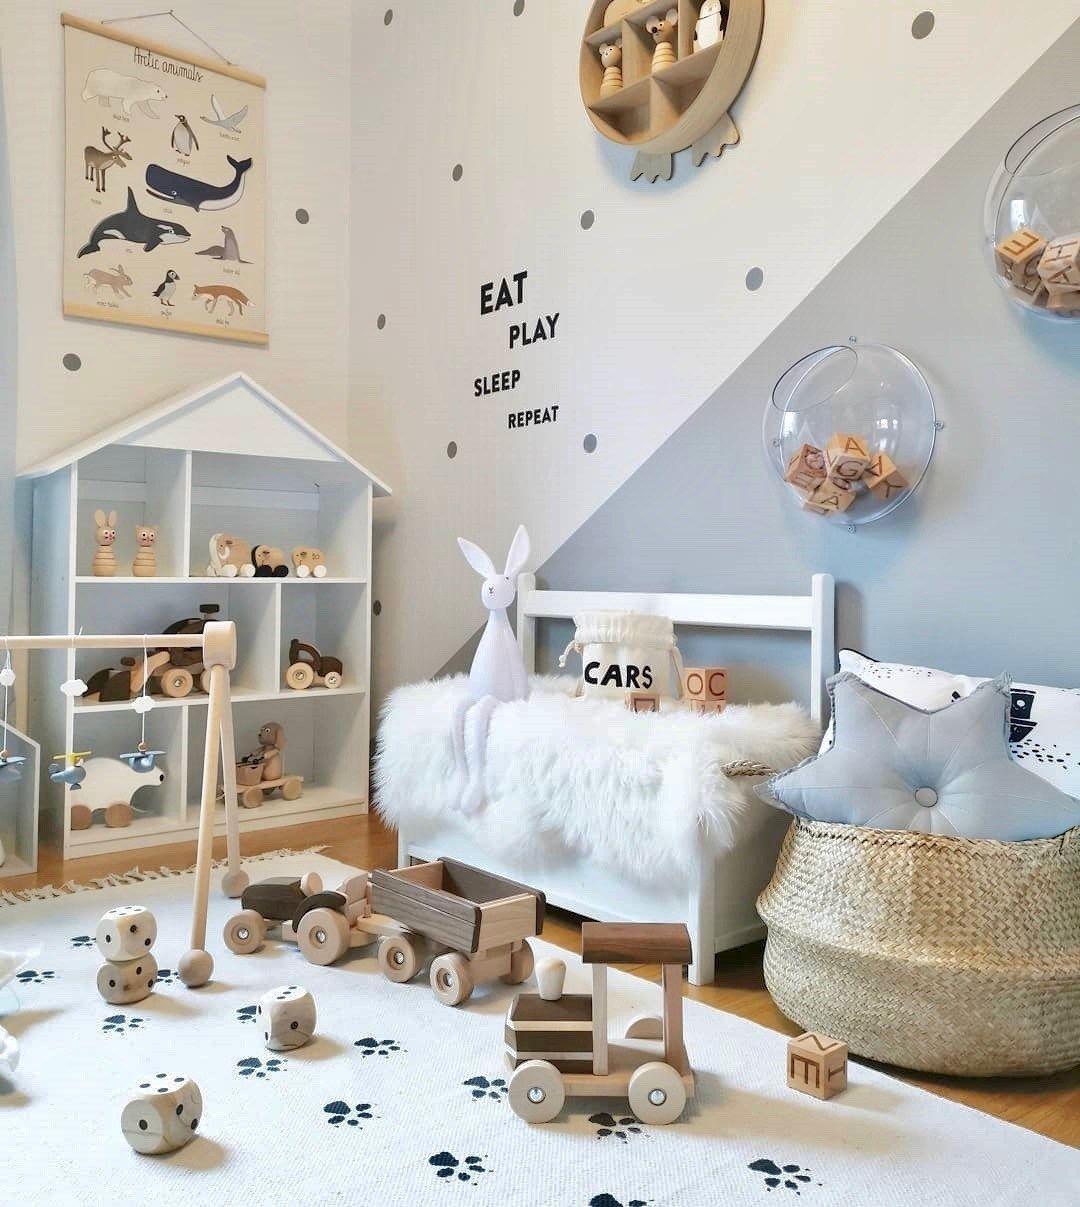 Skandinavisches Kinderzimmer In Neutralen Tönen Einrichten Skandinavische Kinderzimmer Kinder Zimmer Kinderzimmer